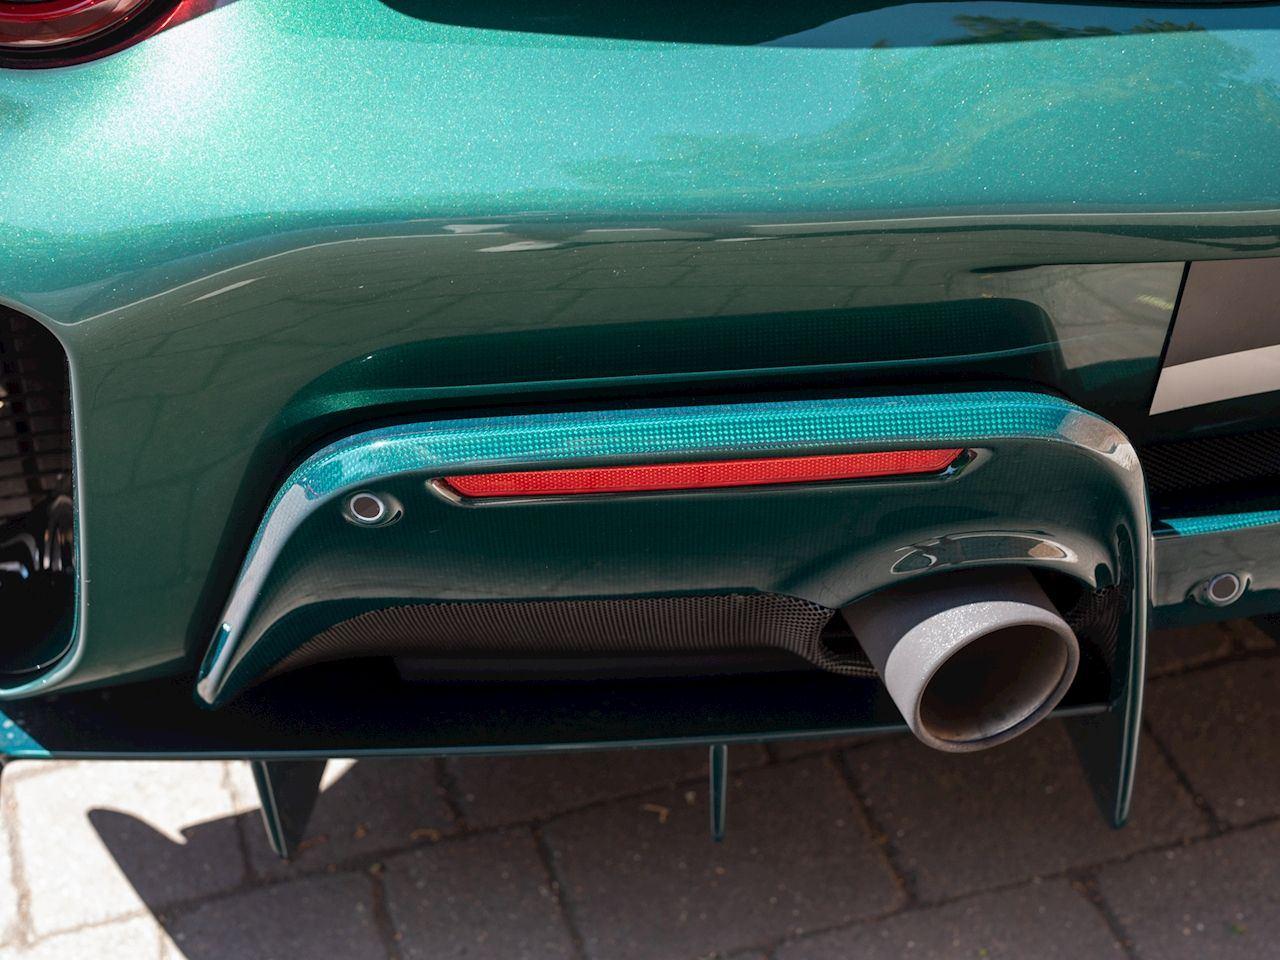 Ferrari_488_Pista_sale_0034